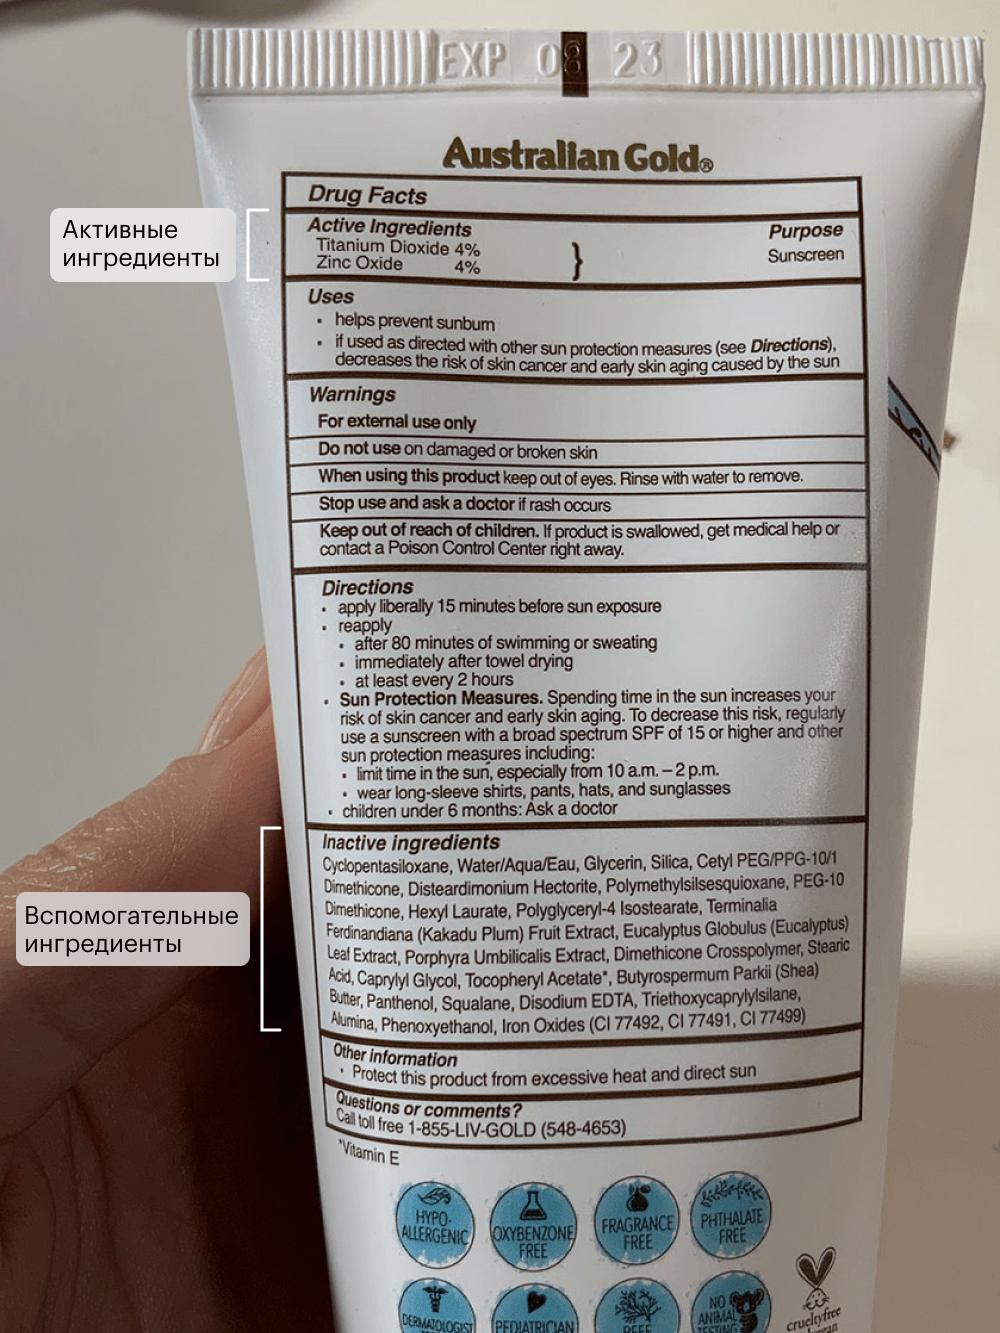 Пример указания активных и вспомогательных ингредиентов на упаковке солнцезащитного средства